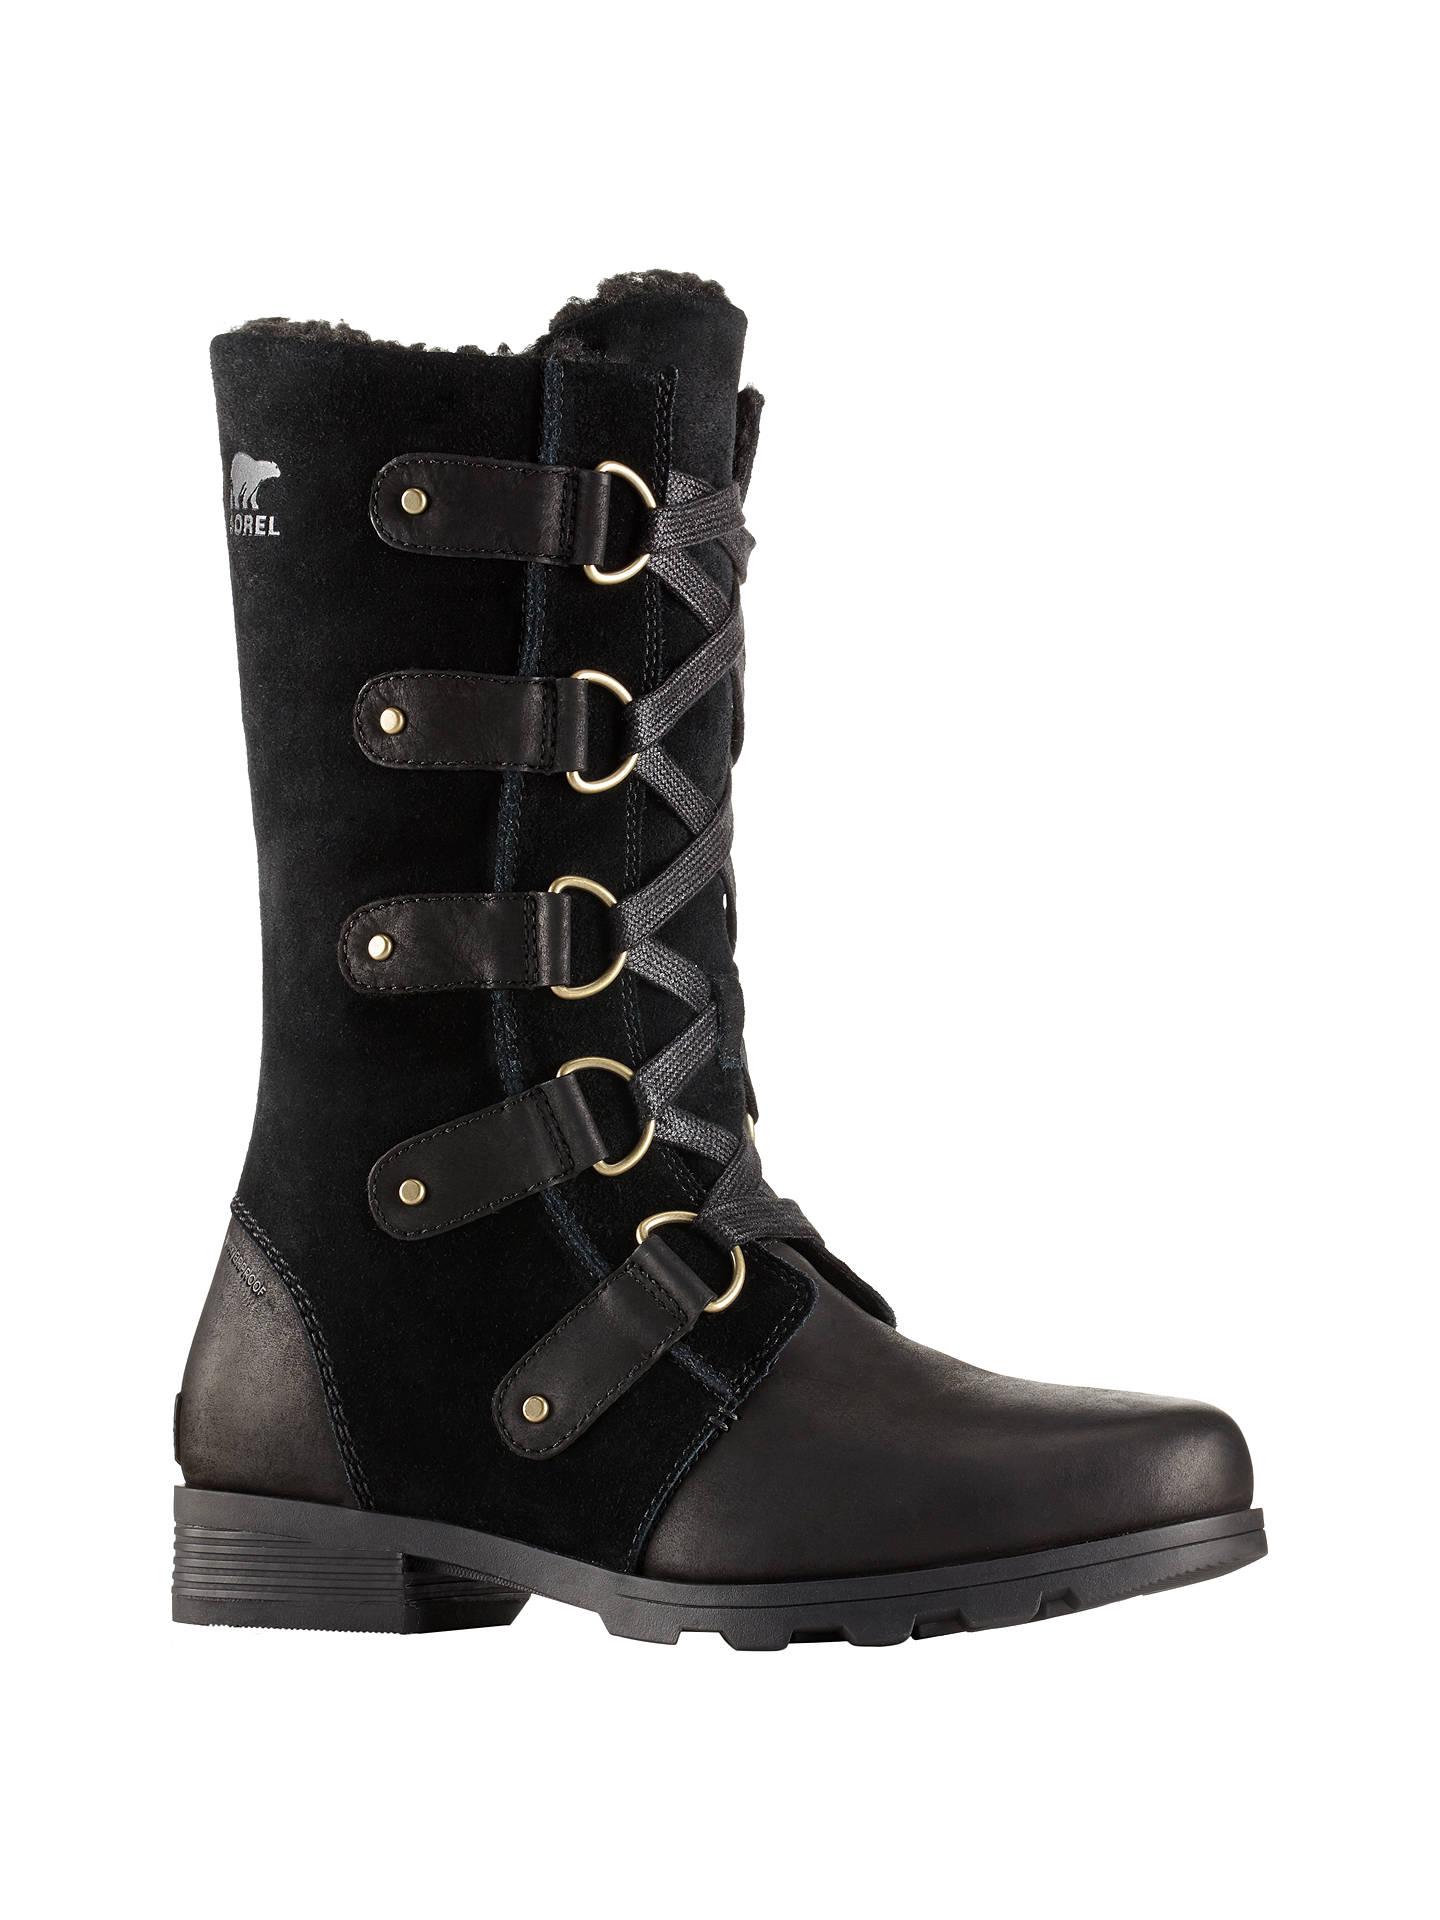 5ab13e0a120d0 Sorel Emelie Lace Women's Snow Boots, Black at John Lewis & Partners